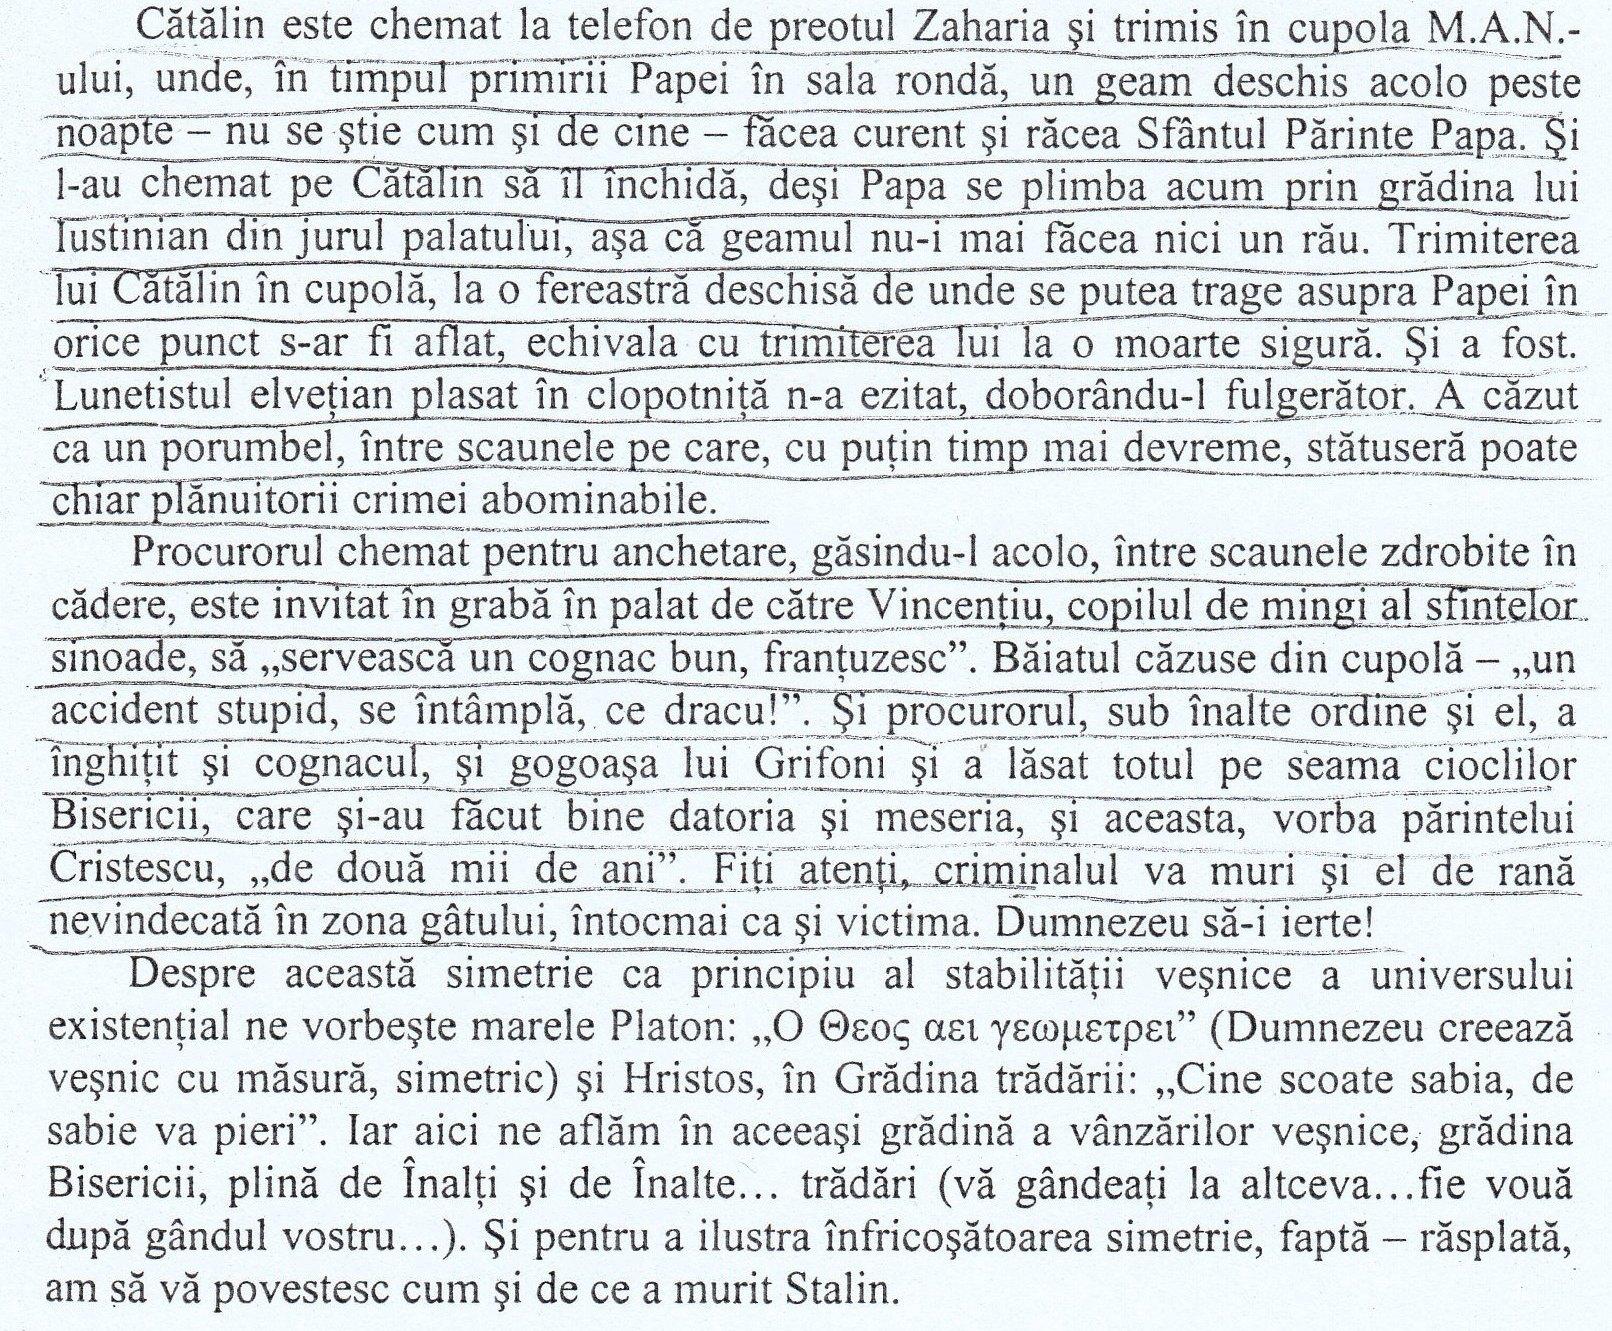 """Descrierea împrejurărilor în care fost ucis ing. Cătălin Vidu, la data de 07 mai 1999, cu ocazia vizitei Papei Paul al II-lea în România (pag. 109 din cartea """"Fascinația haosului"""")."""